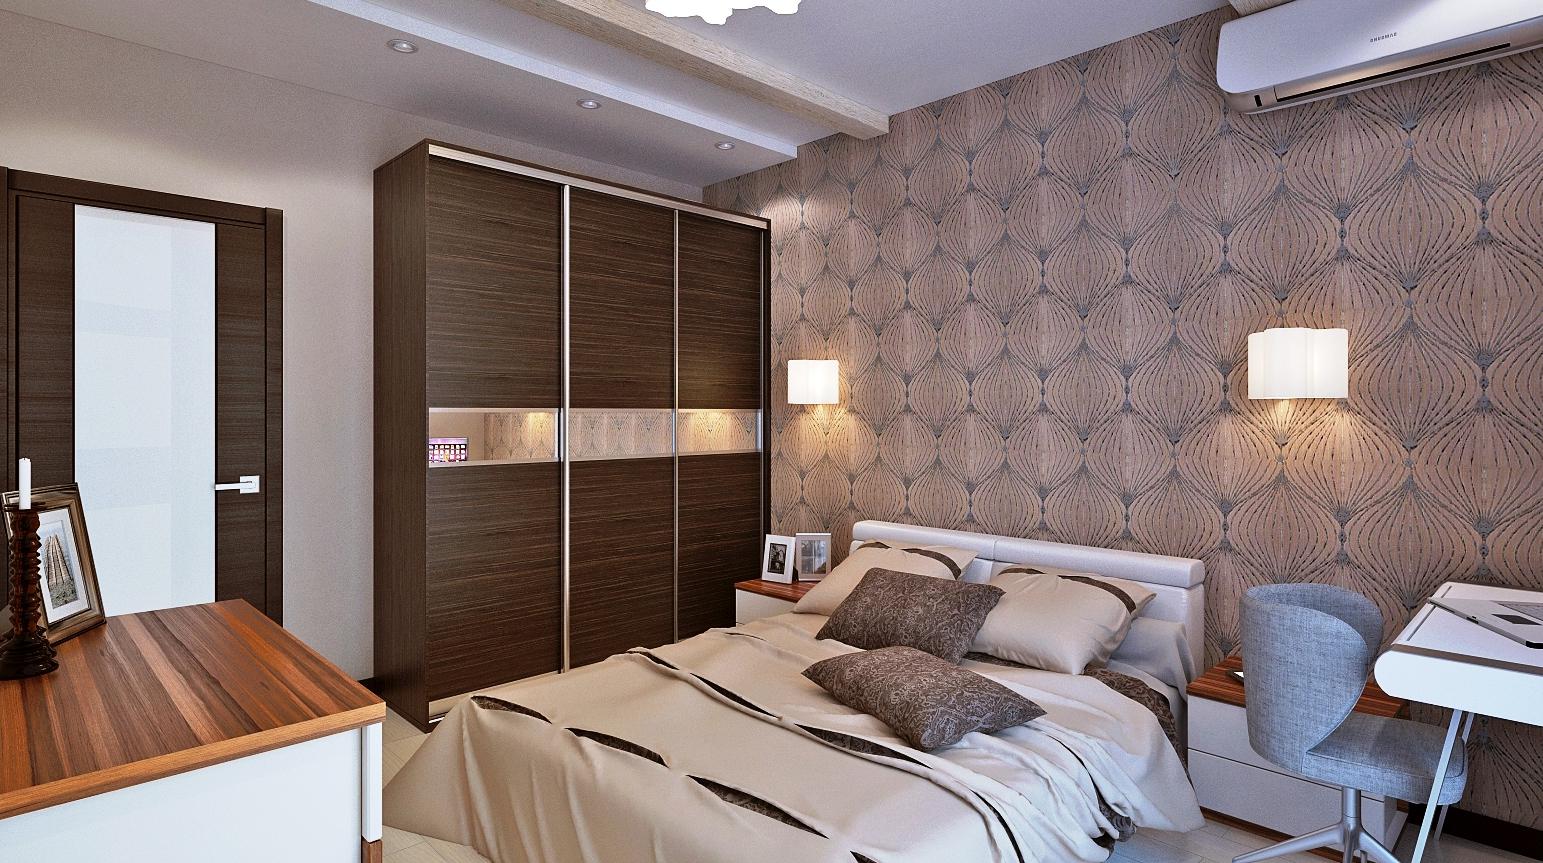 Кровать по фэн-шуй в небольшой спальне